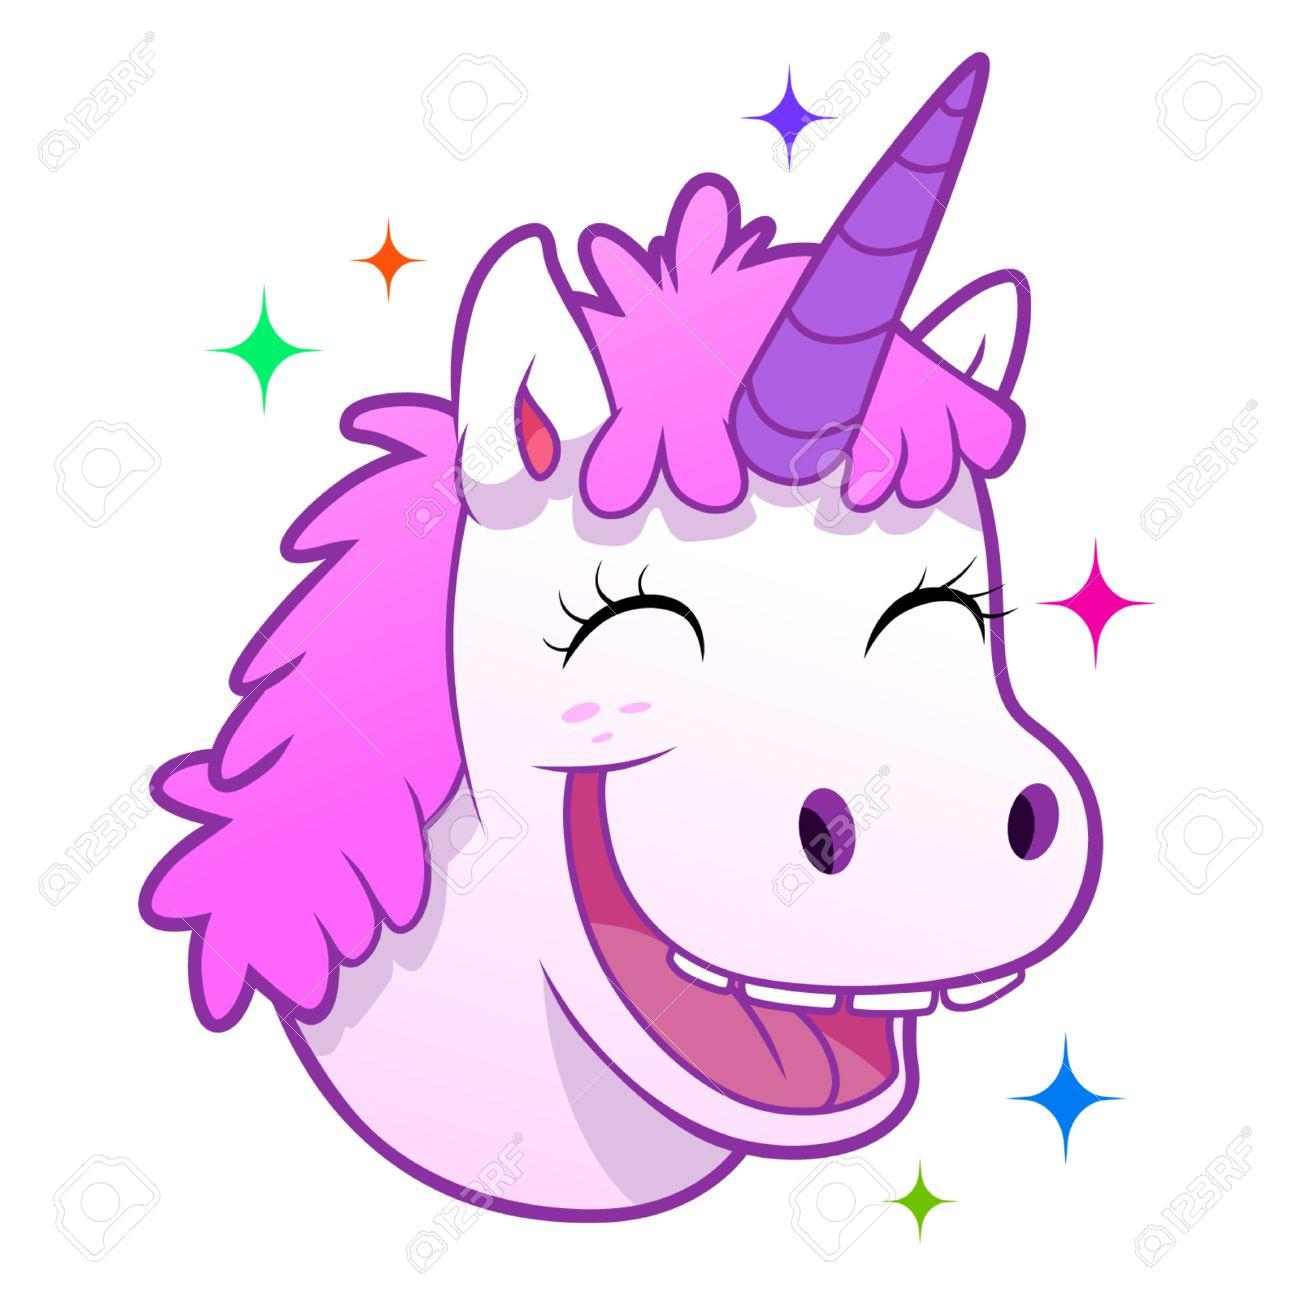 Happy unicorn portrait - 44692020